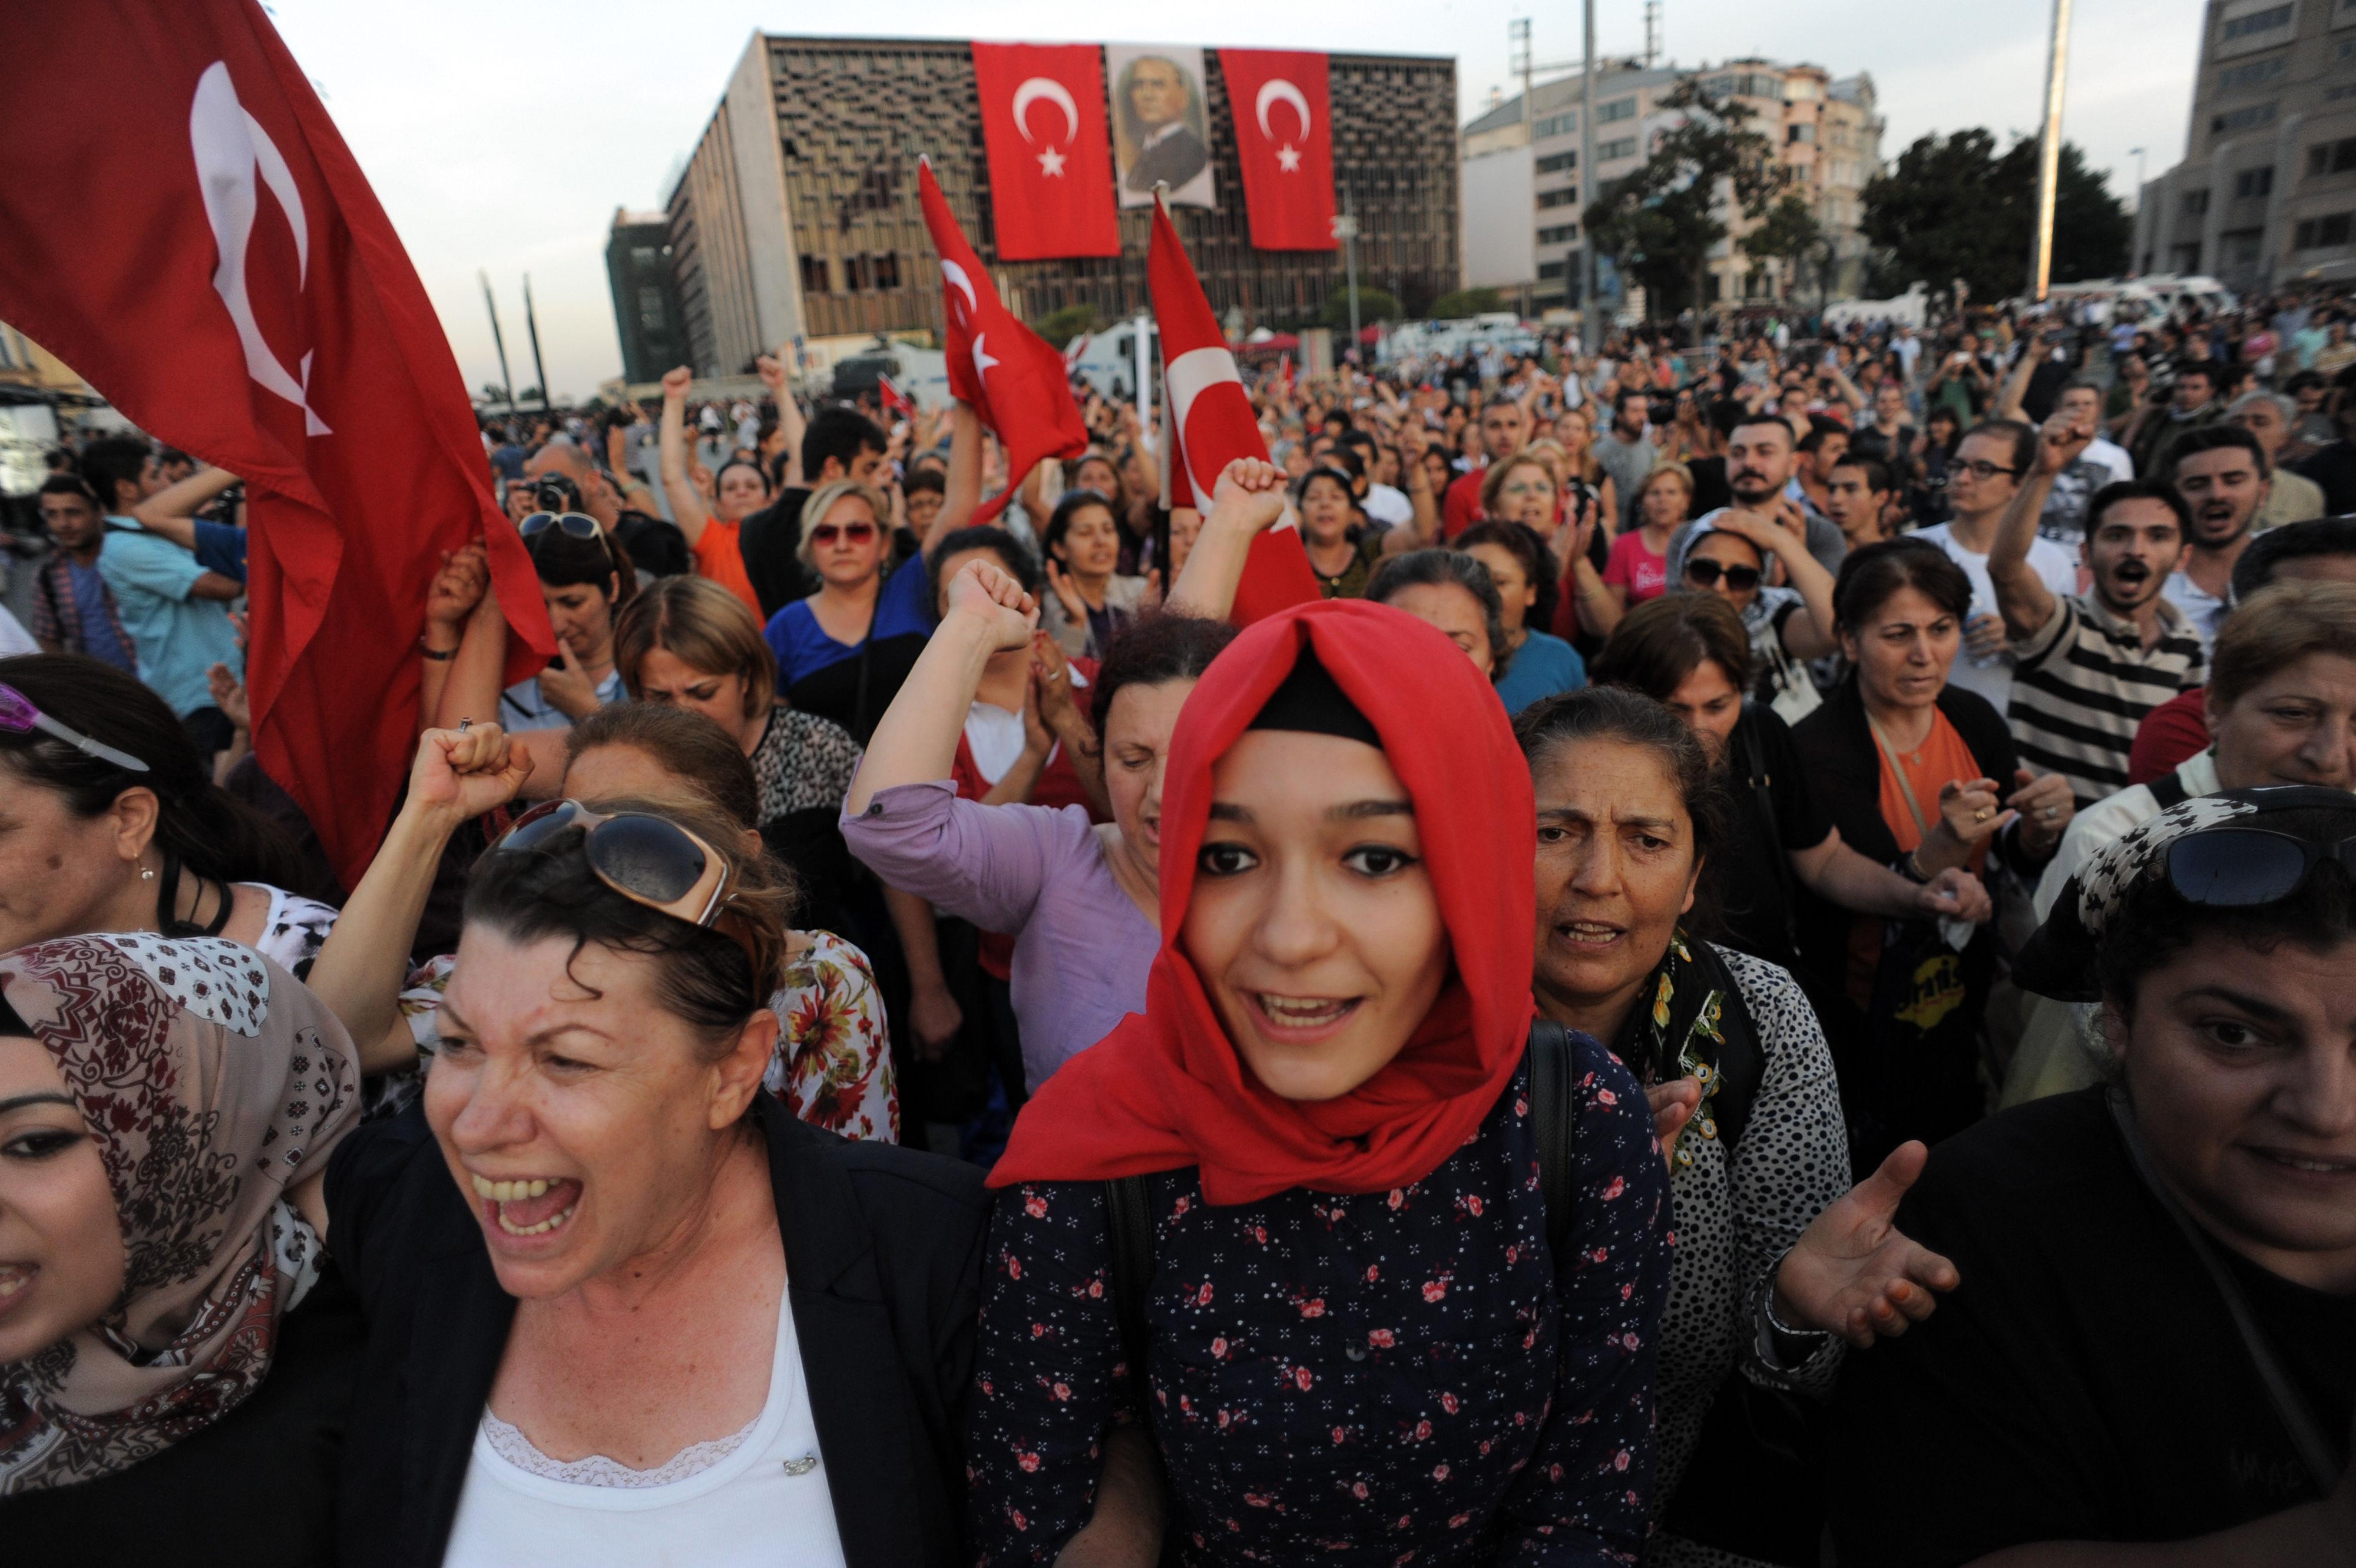 گاز اشک آور ، هدیه ویژه روز جهانی زن